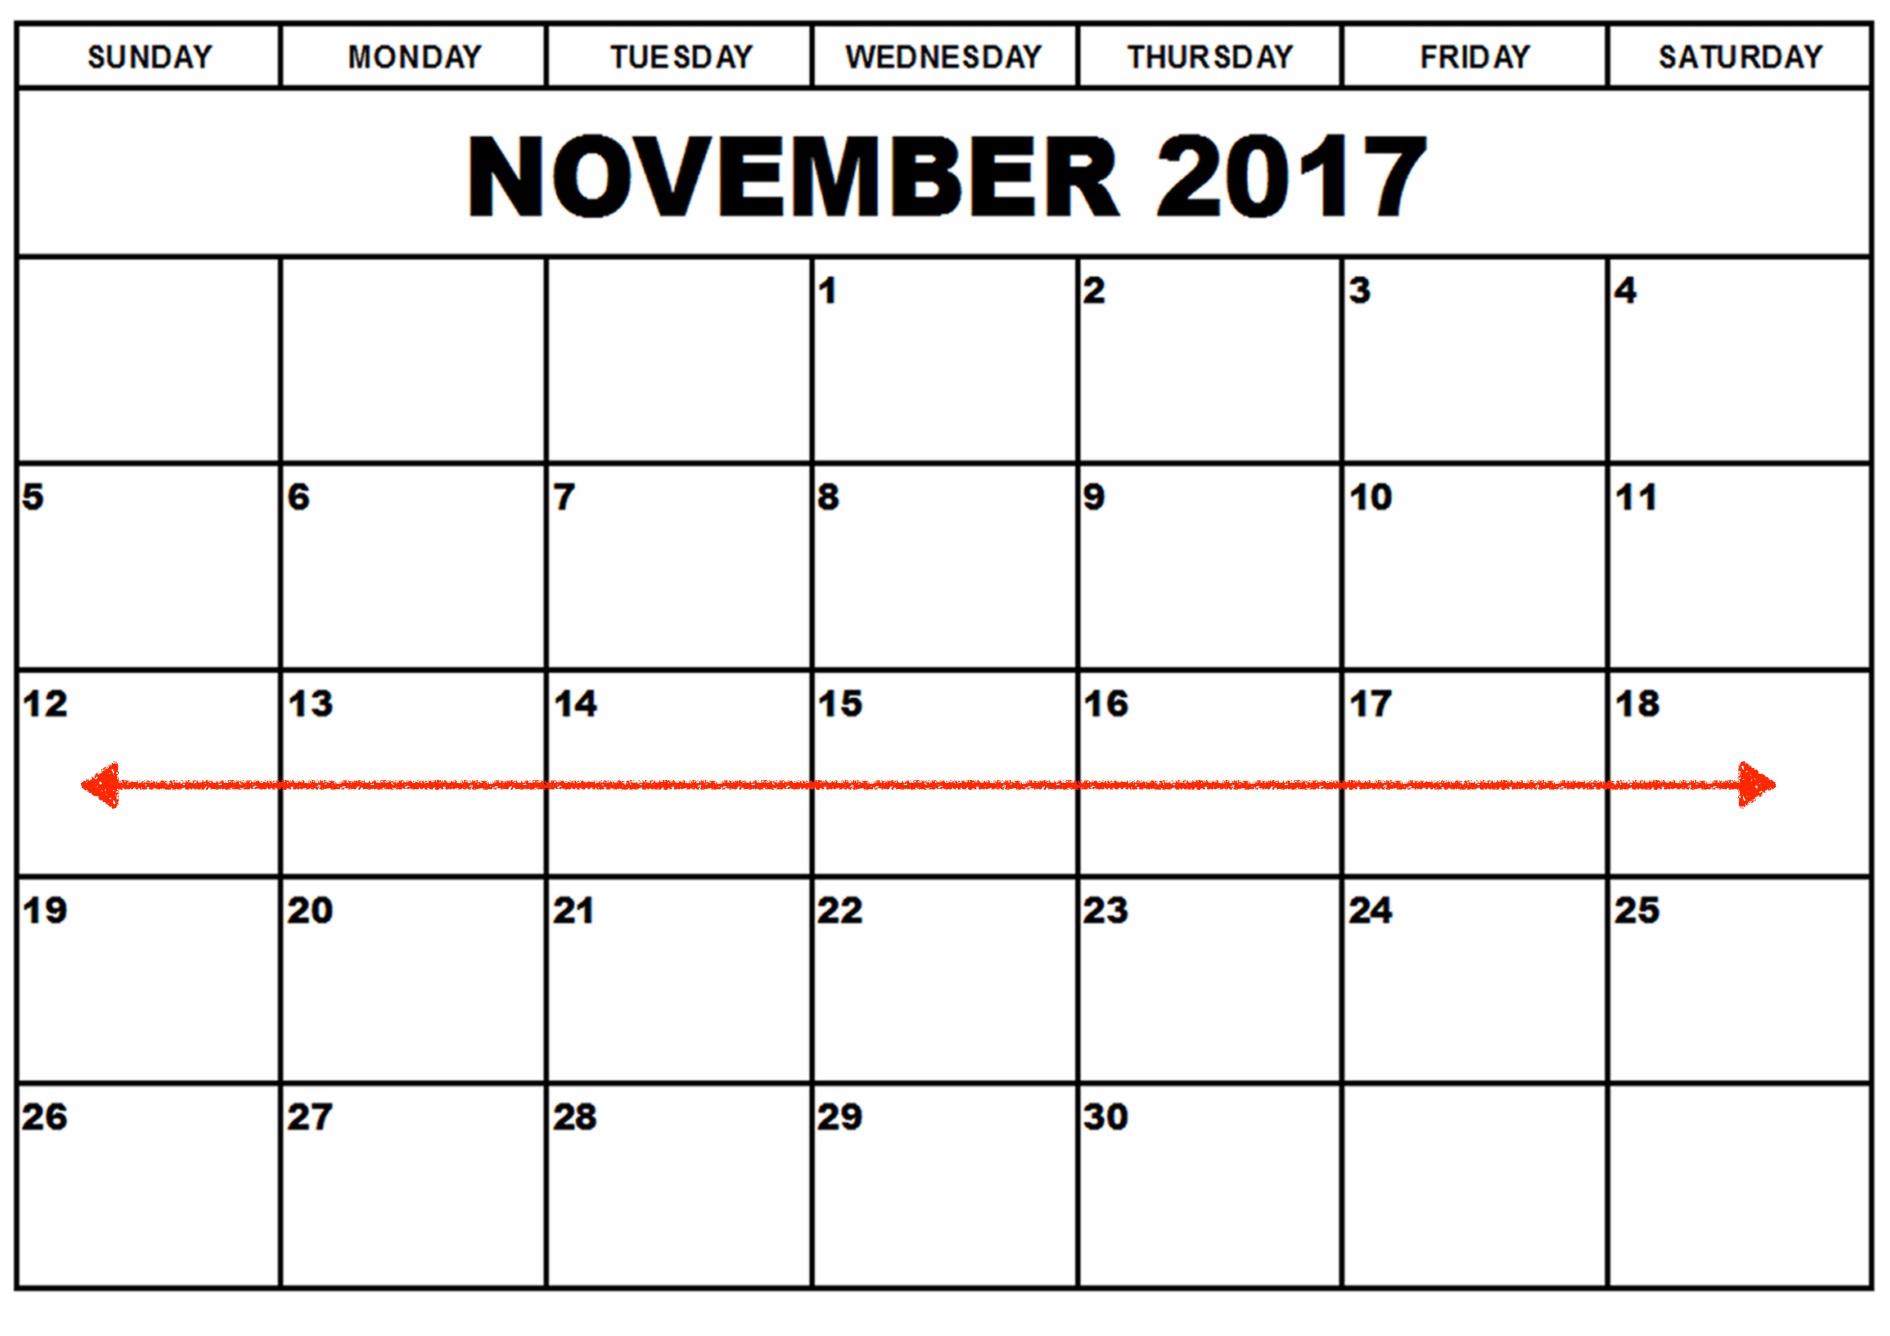 Week One - November 12-18